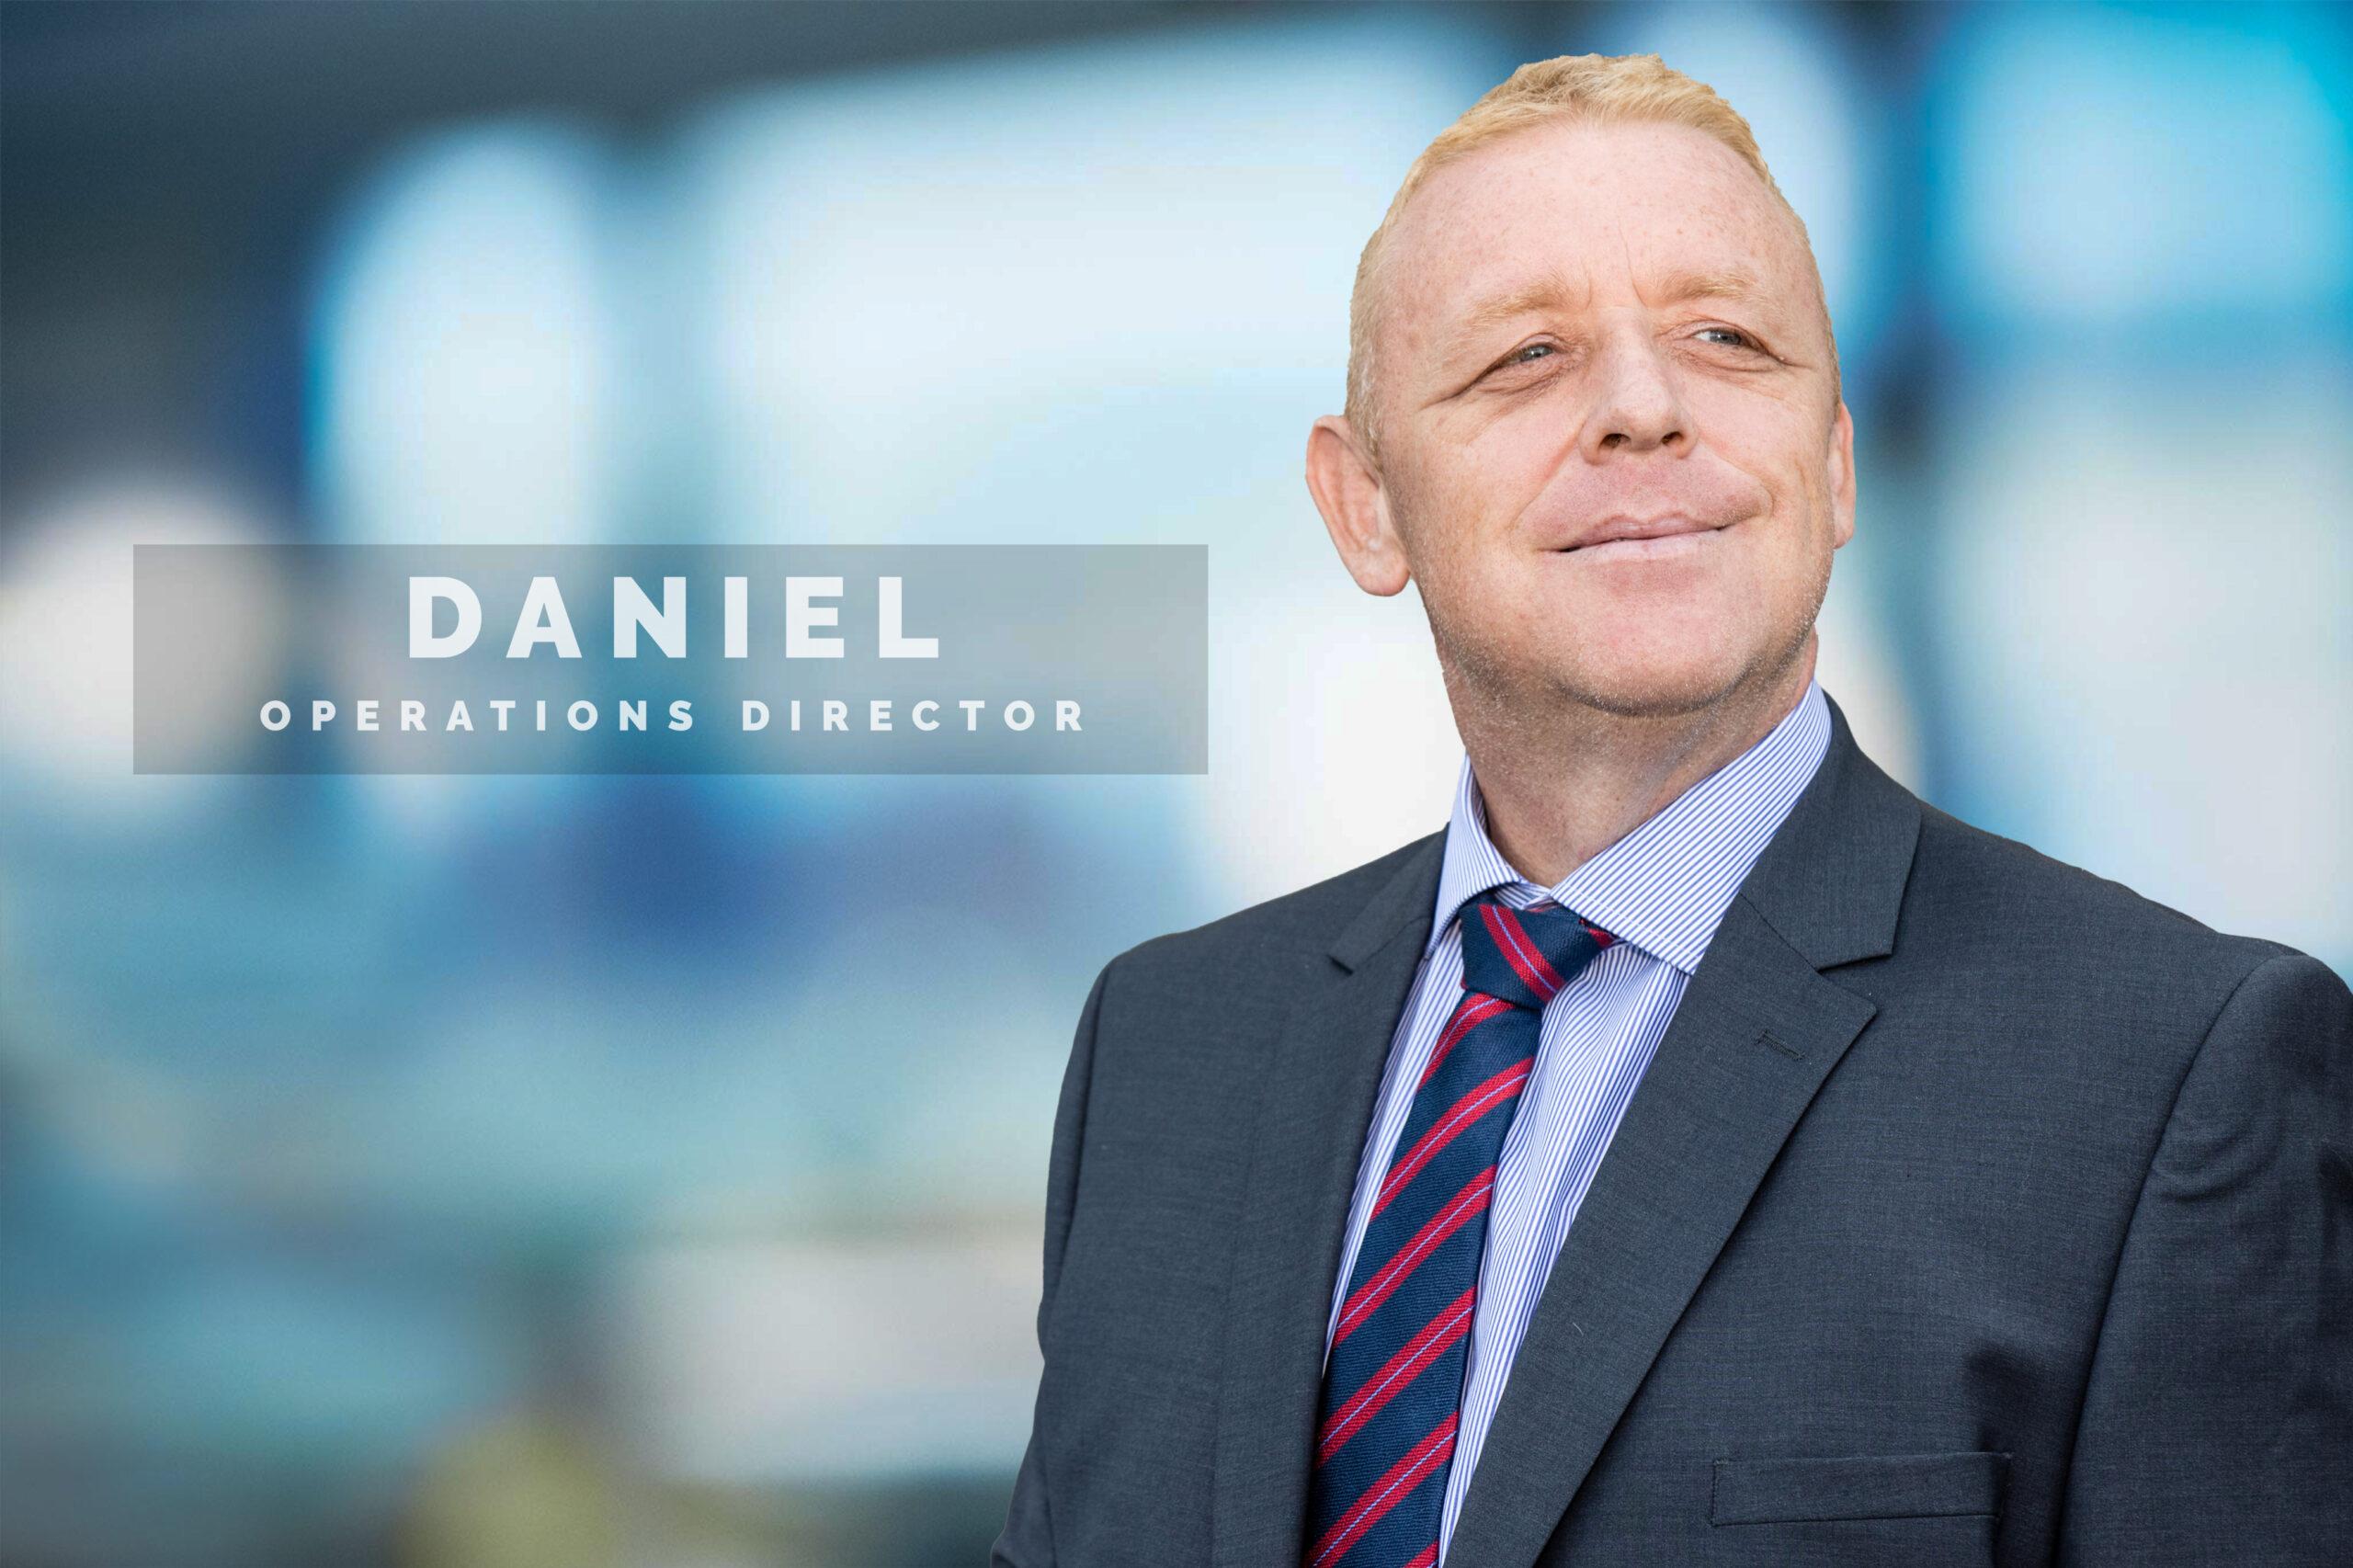 Daniel - Operations Director